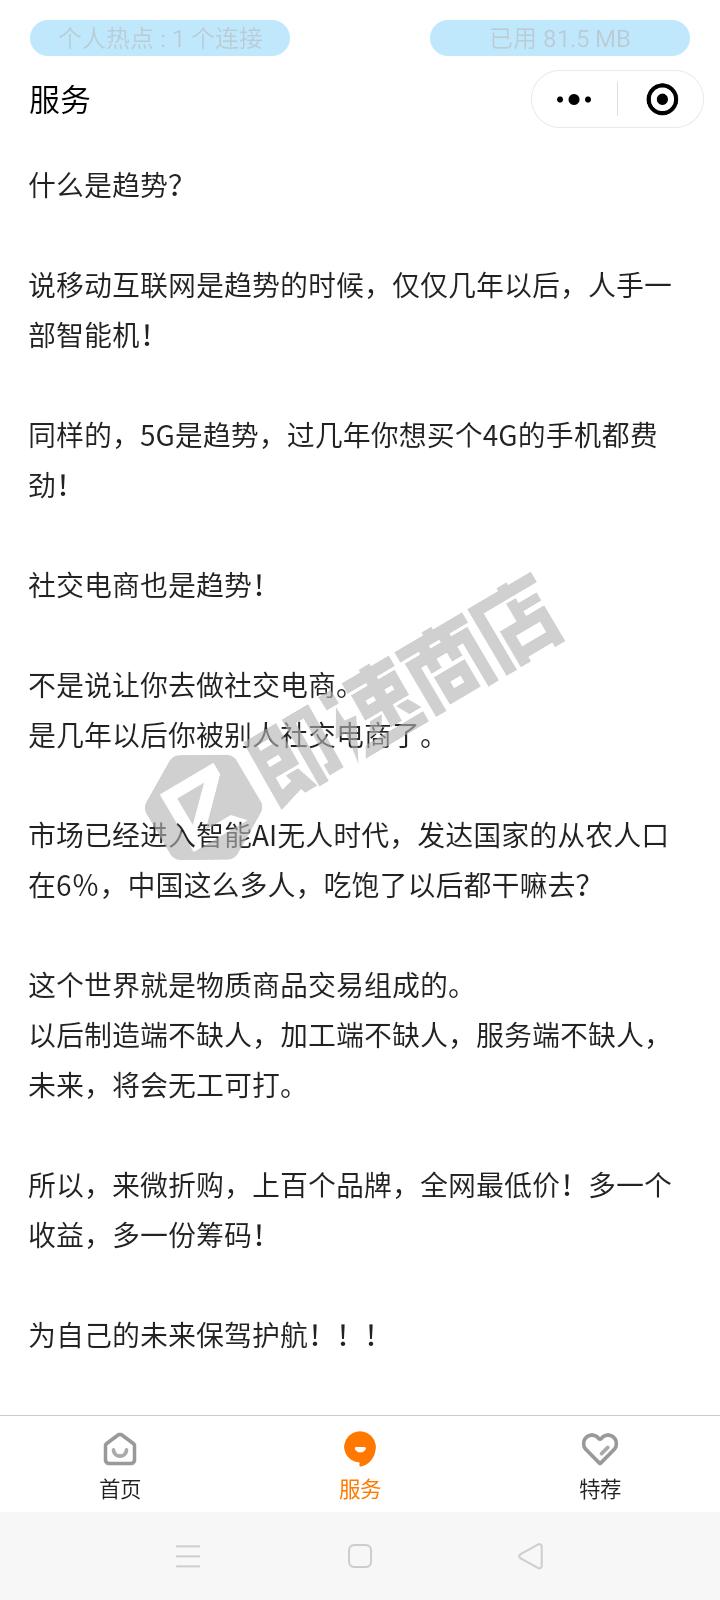 微折购团长招募小程序详情页截图